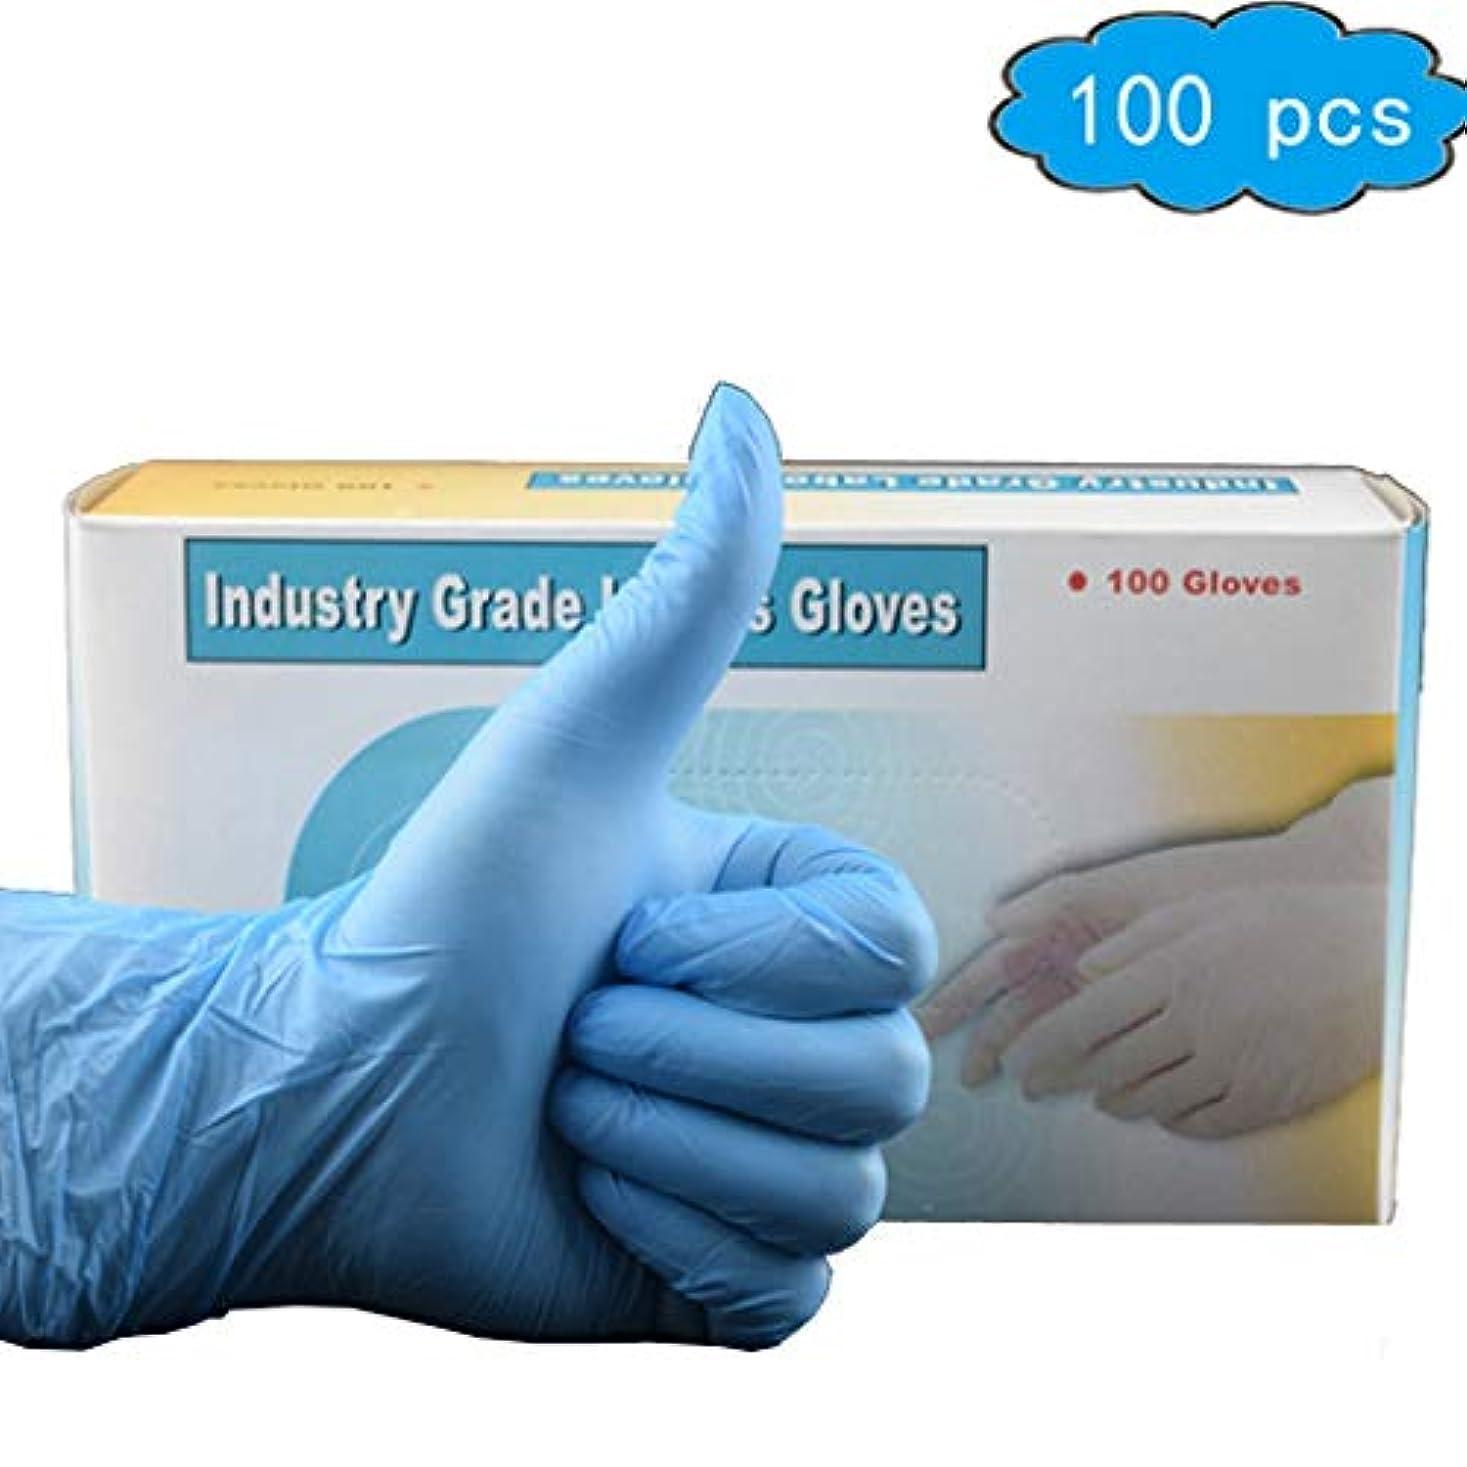 約設定自伝見落とす使い捨て手袋、子供用使い捨て手袋、子供用ニトリル手袋 - 粉末なし、ラテックスなし、無臭、食品等級、アレルギー、質感のある指 - 100PCSブルー (Color : Blue, Size : L)